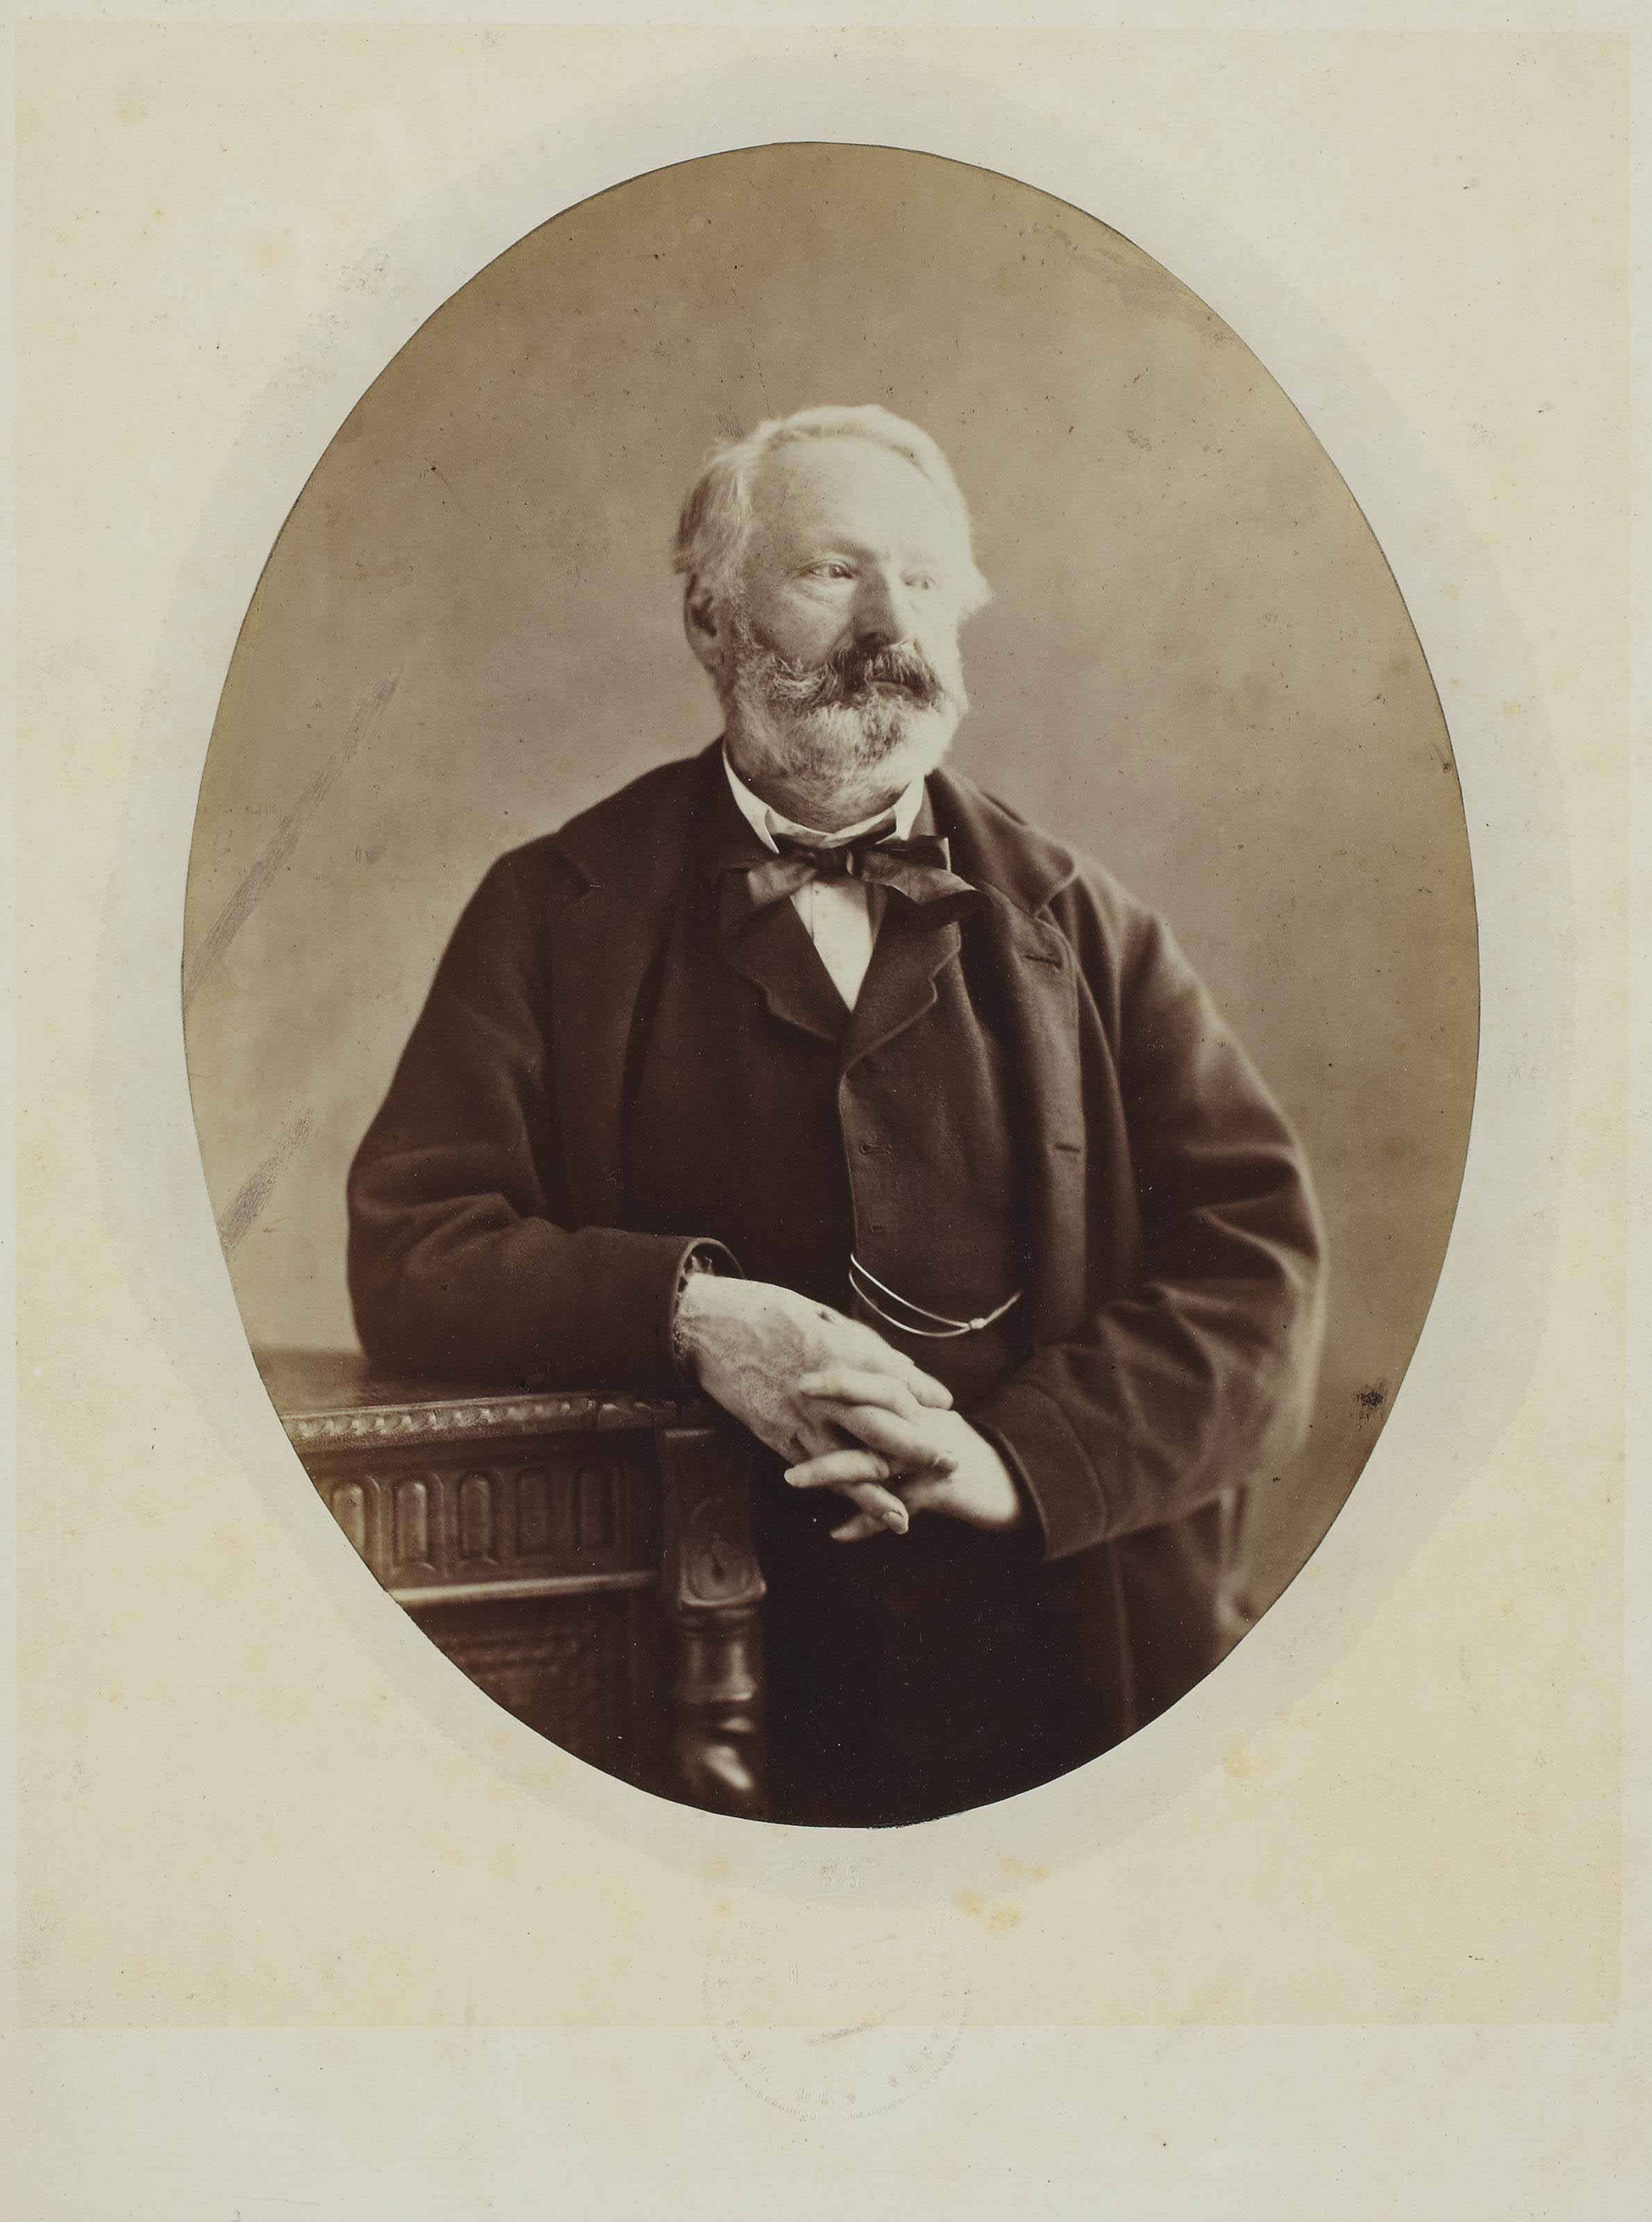 Victor Hugo les mains croisées accoudé sur une table, 1862